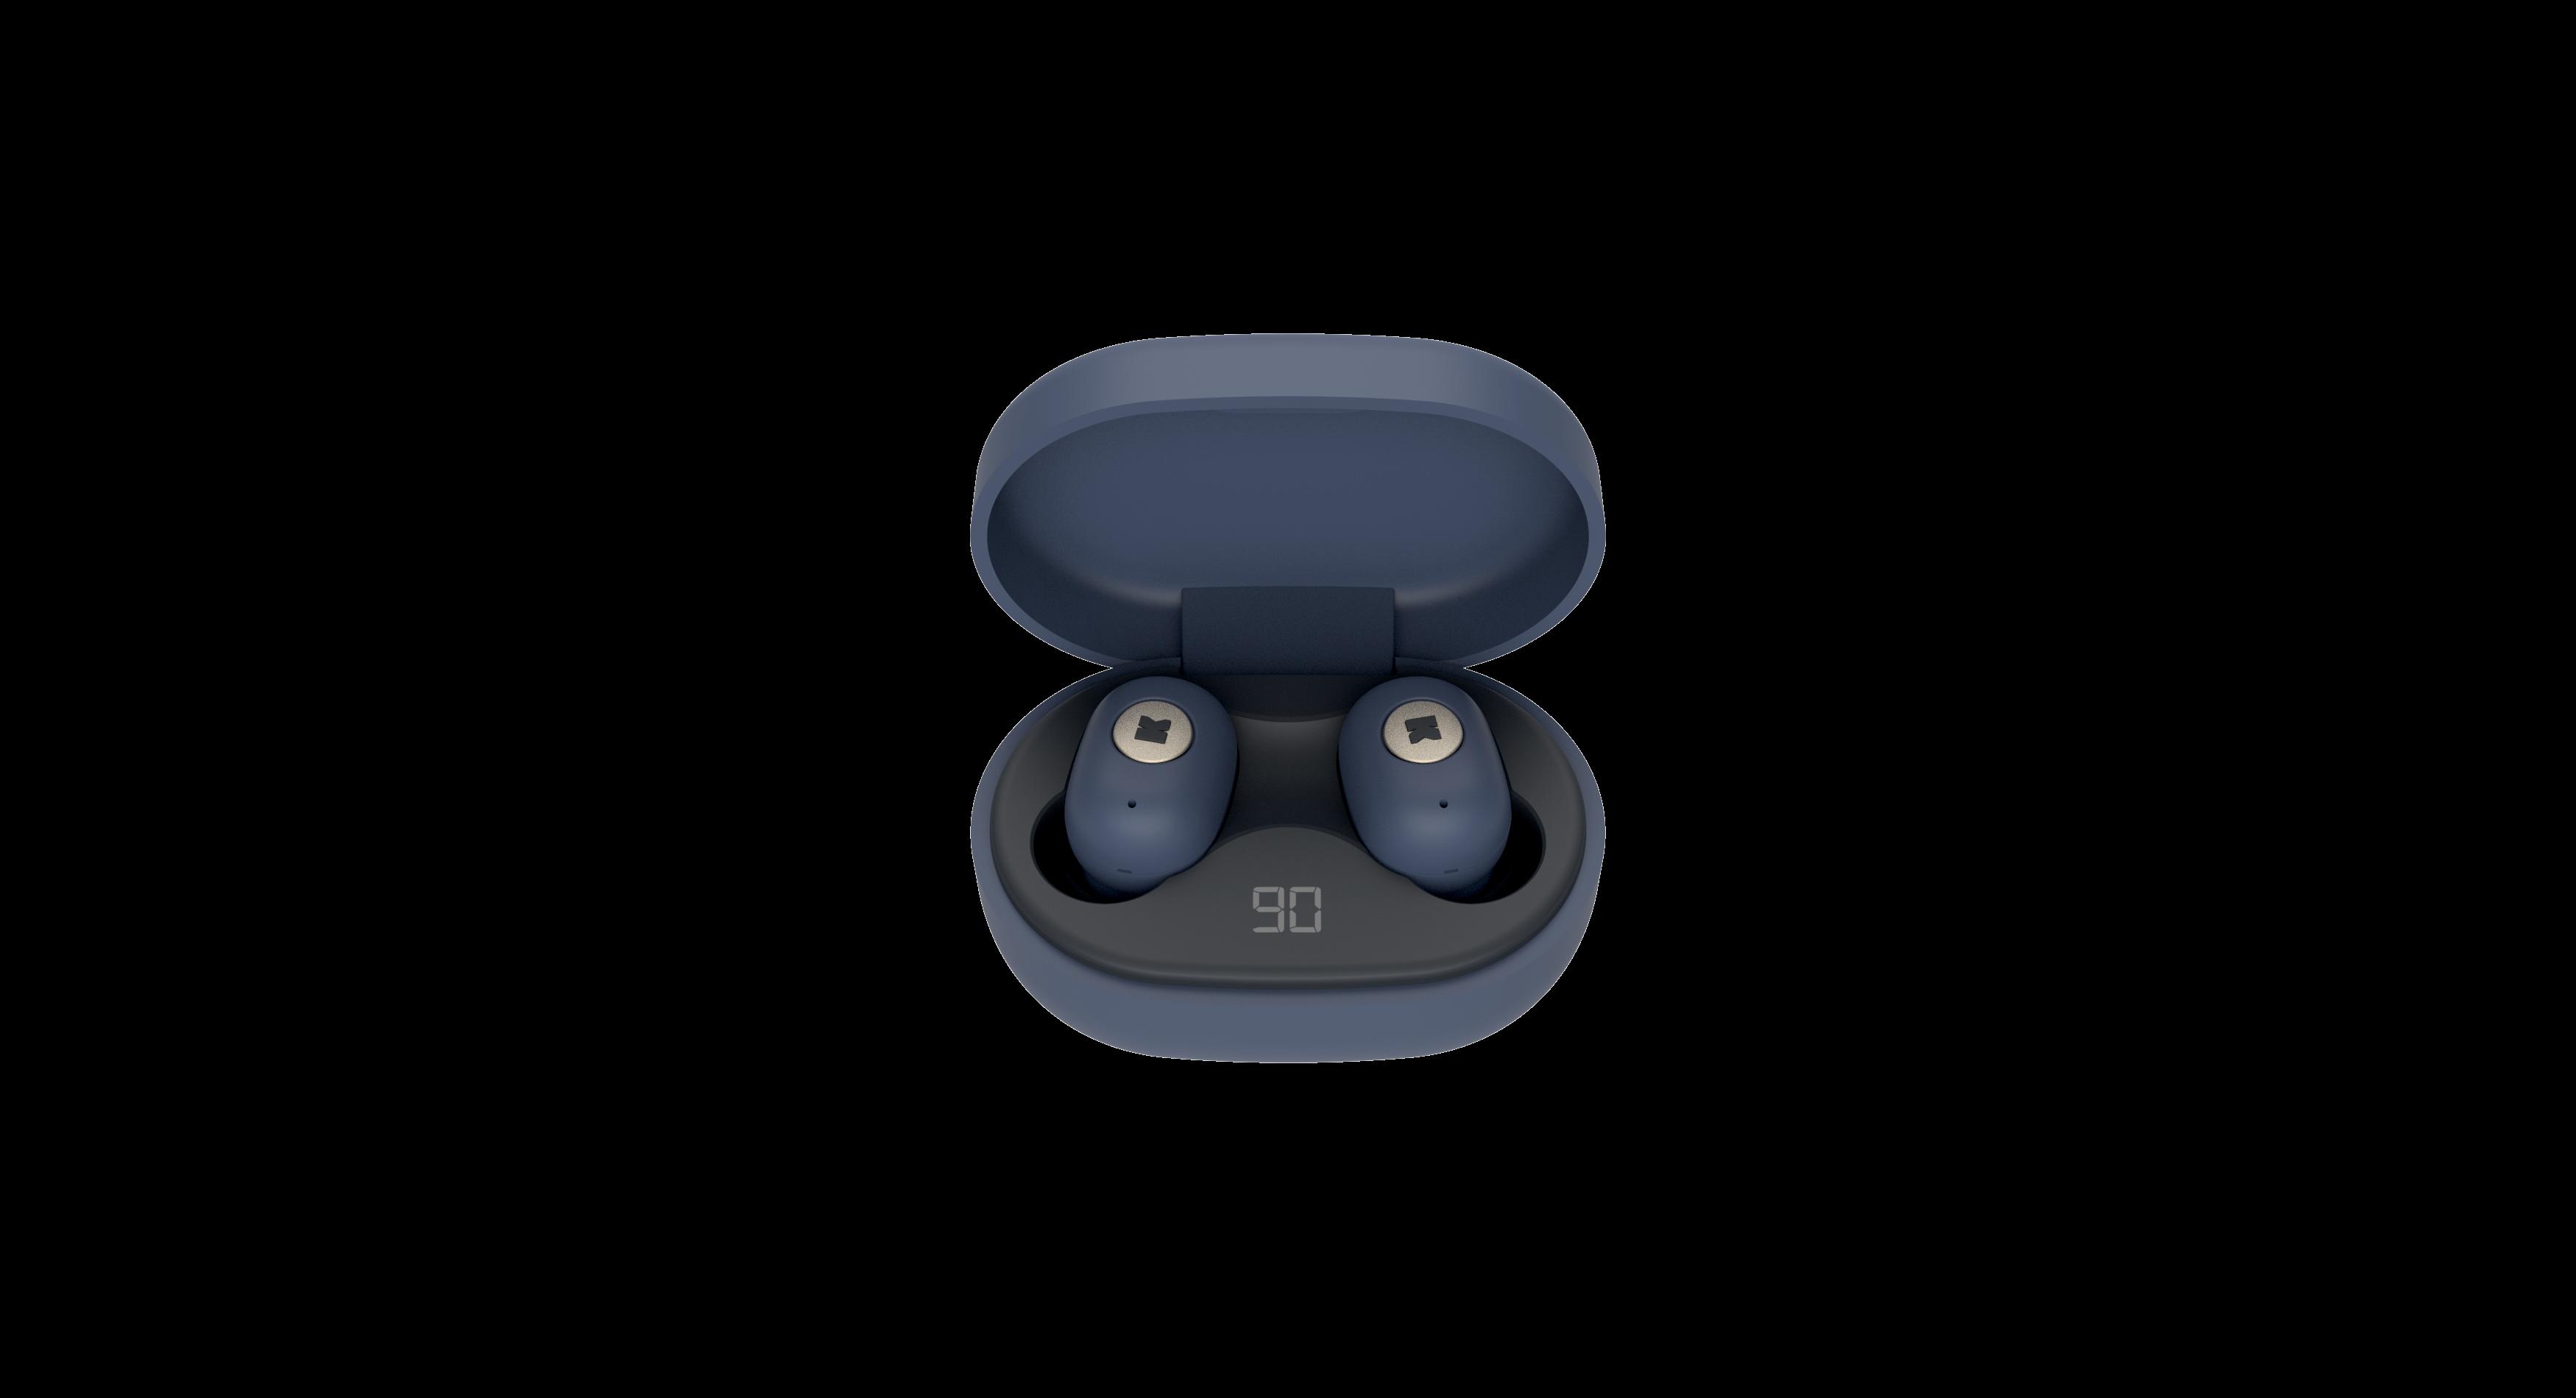 Billede af KreaFunk - aBEAN In-Ear Bluetooth Høretelefoner - Midnatsblå